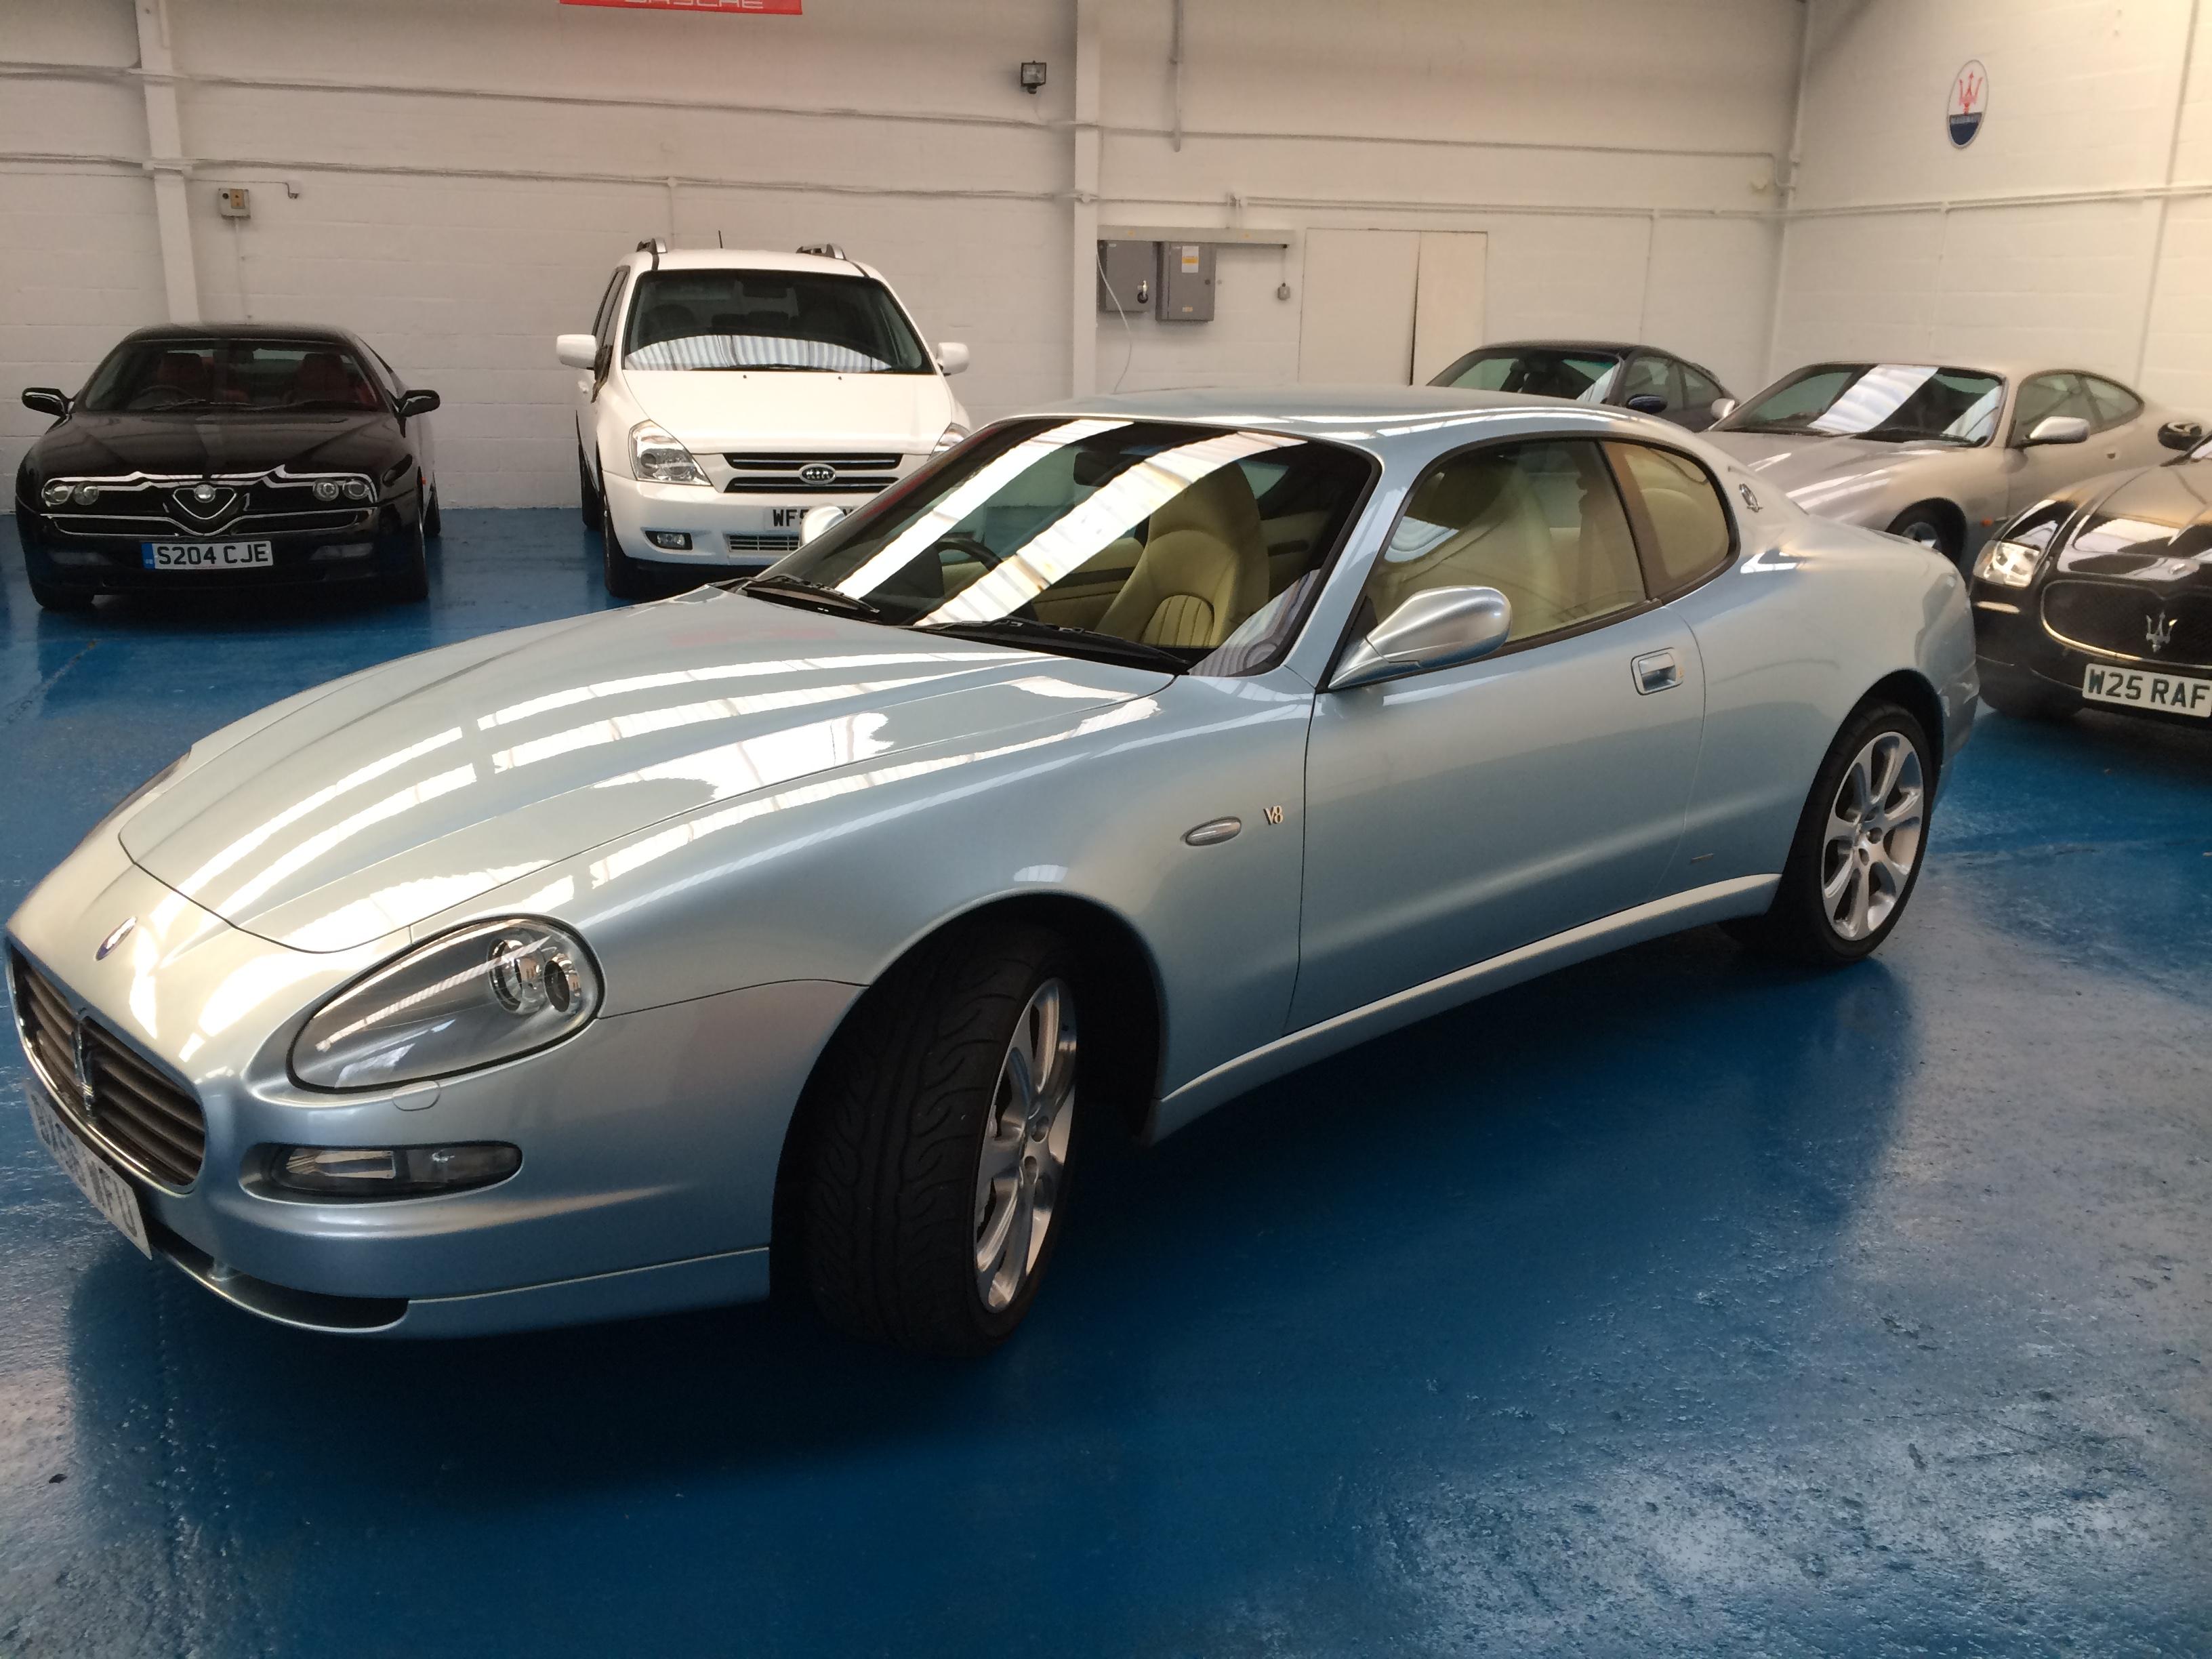 Maserati Cambiocorsa 56 026